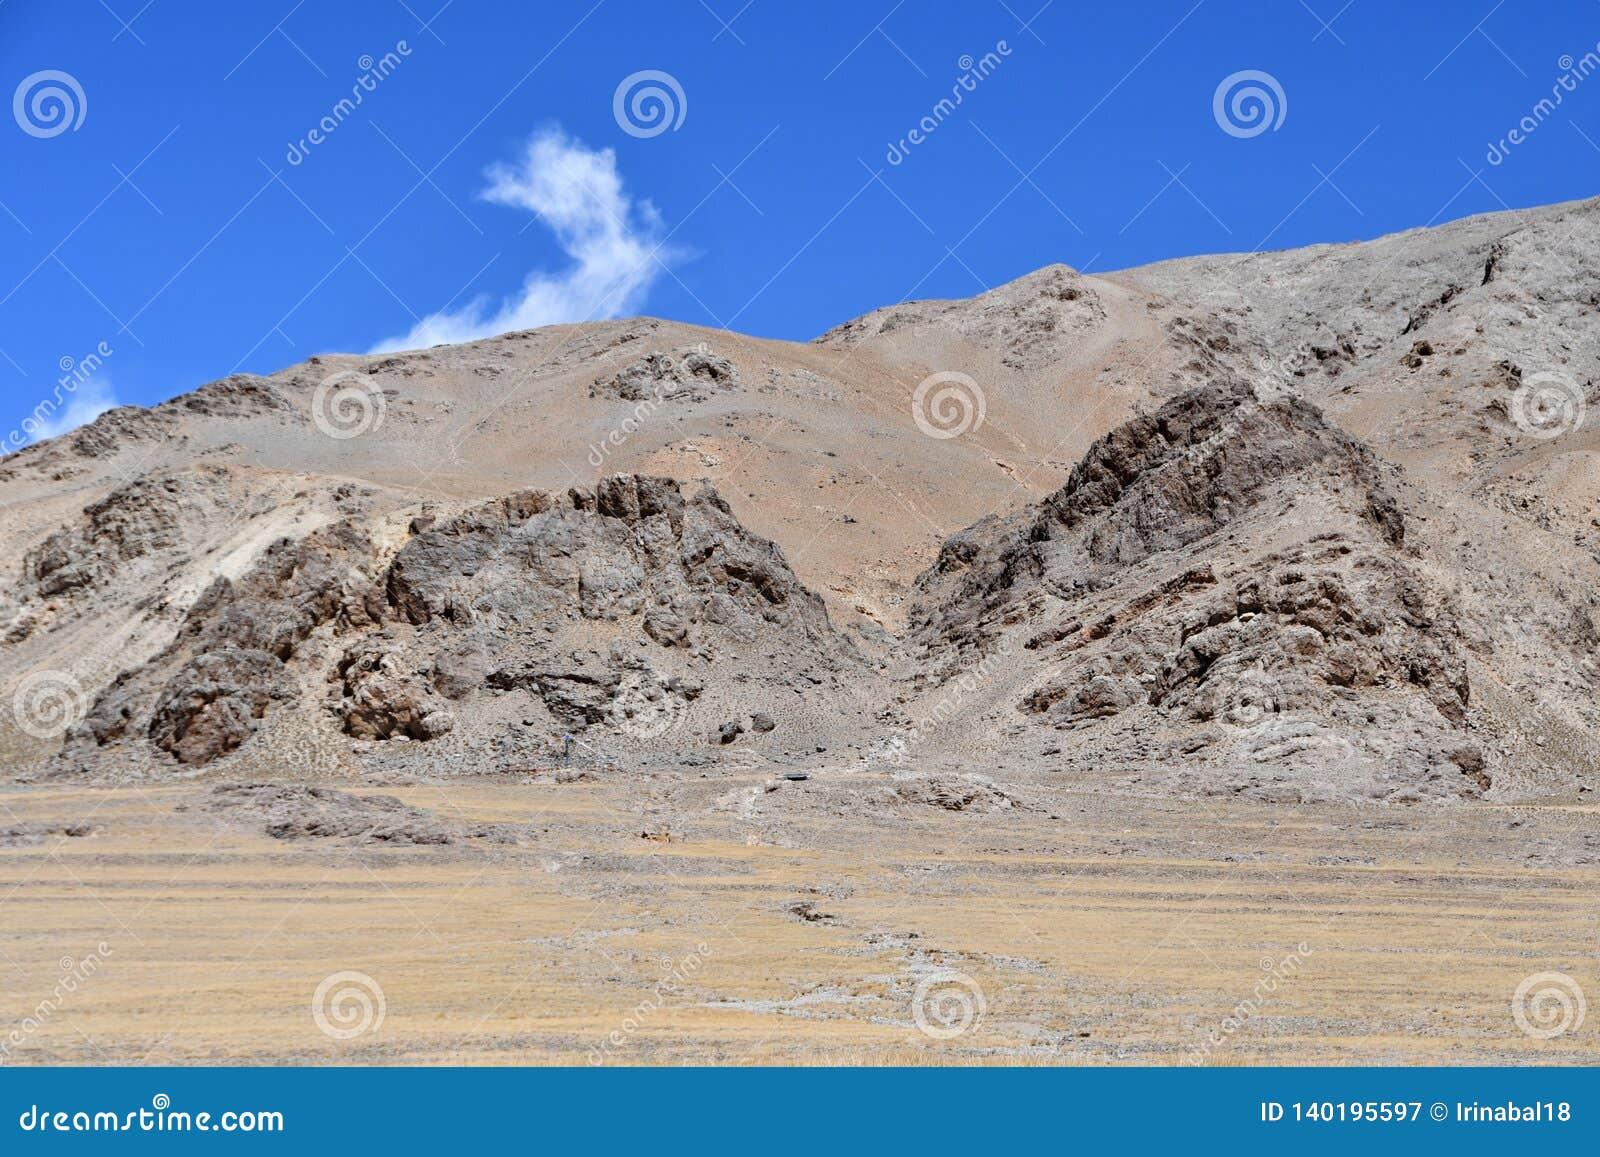 China, Tibet Himalaja im Bereich von See Teri Tashi Nam Co im Sommer n-Sorge wird gegenüberstellen mythische Wesen gelesen